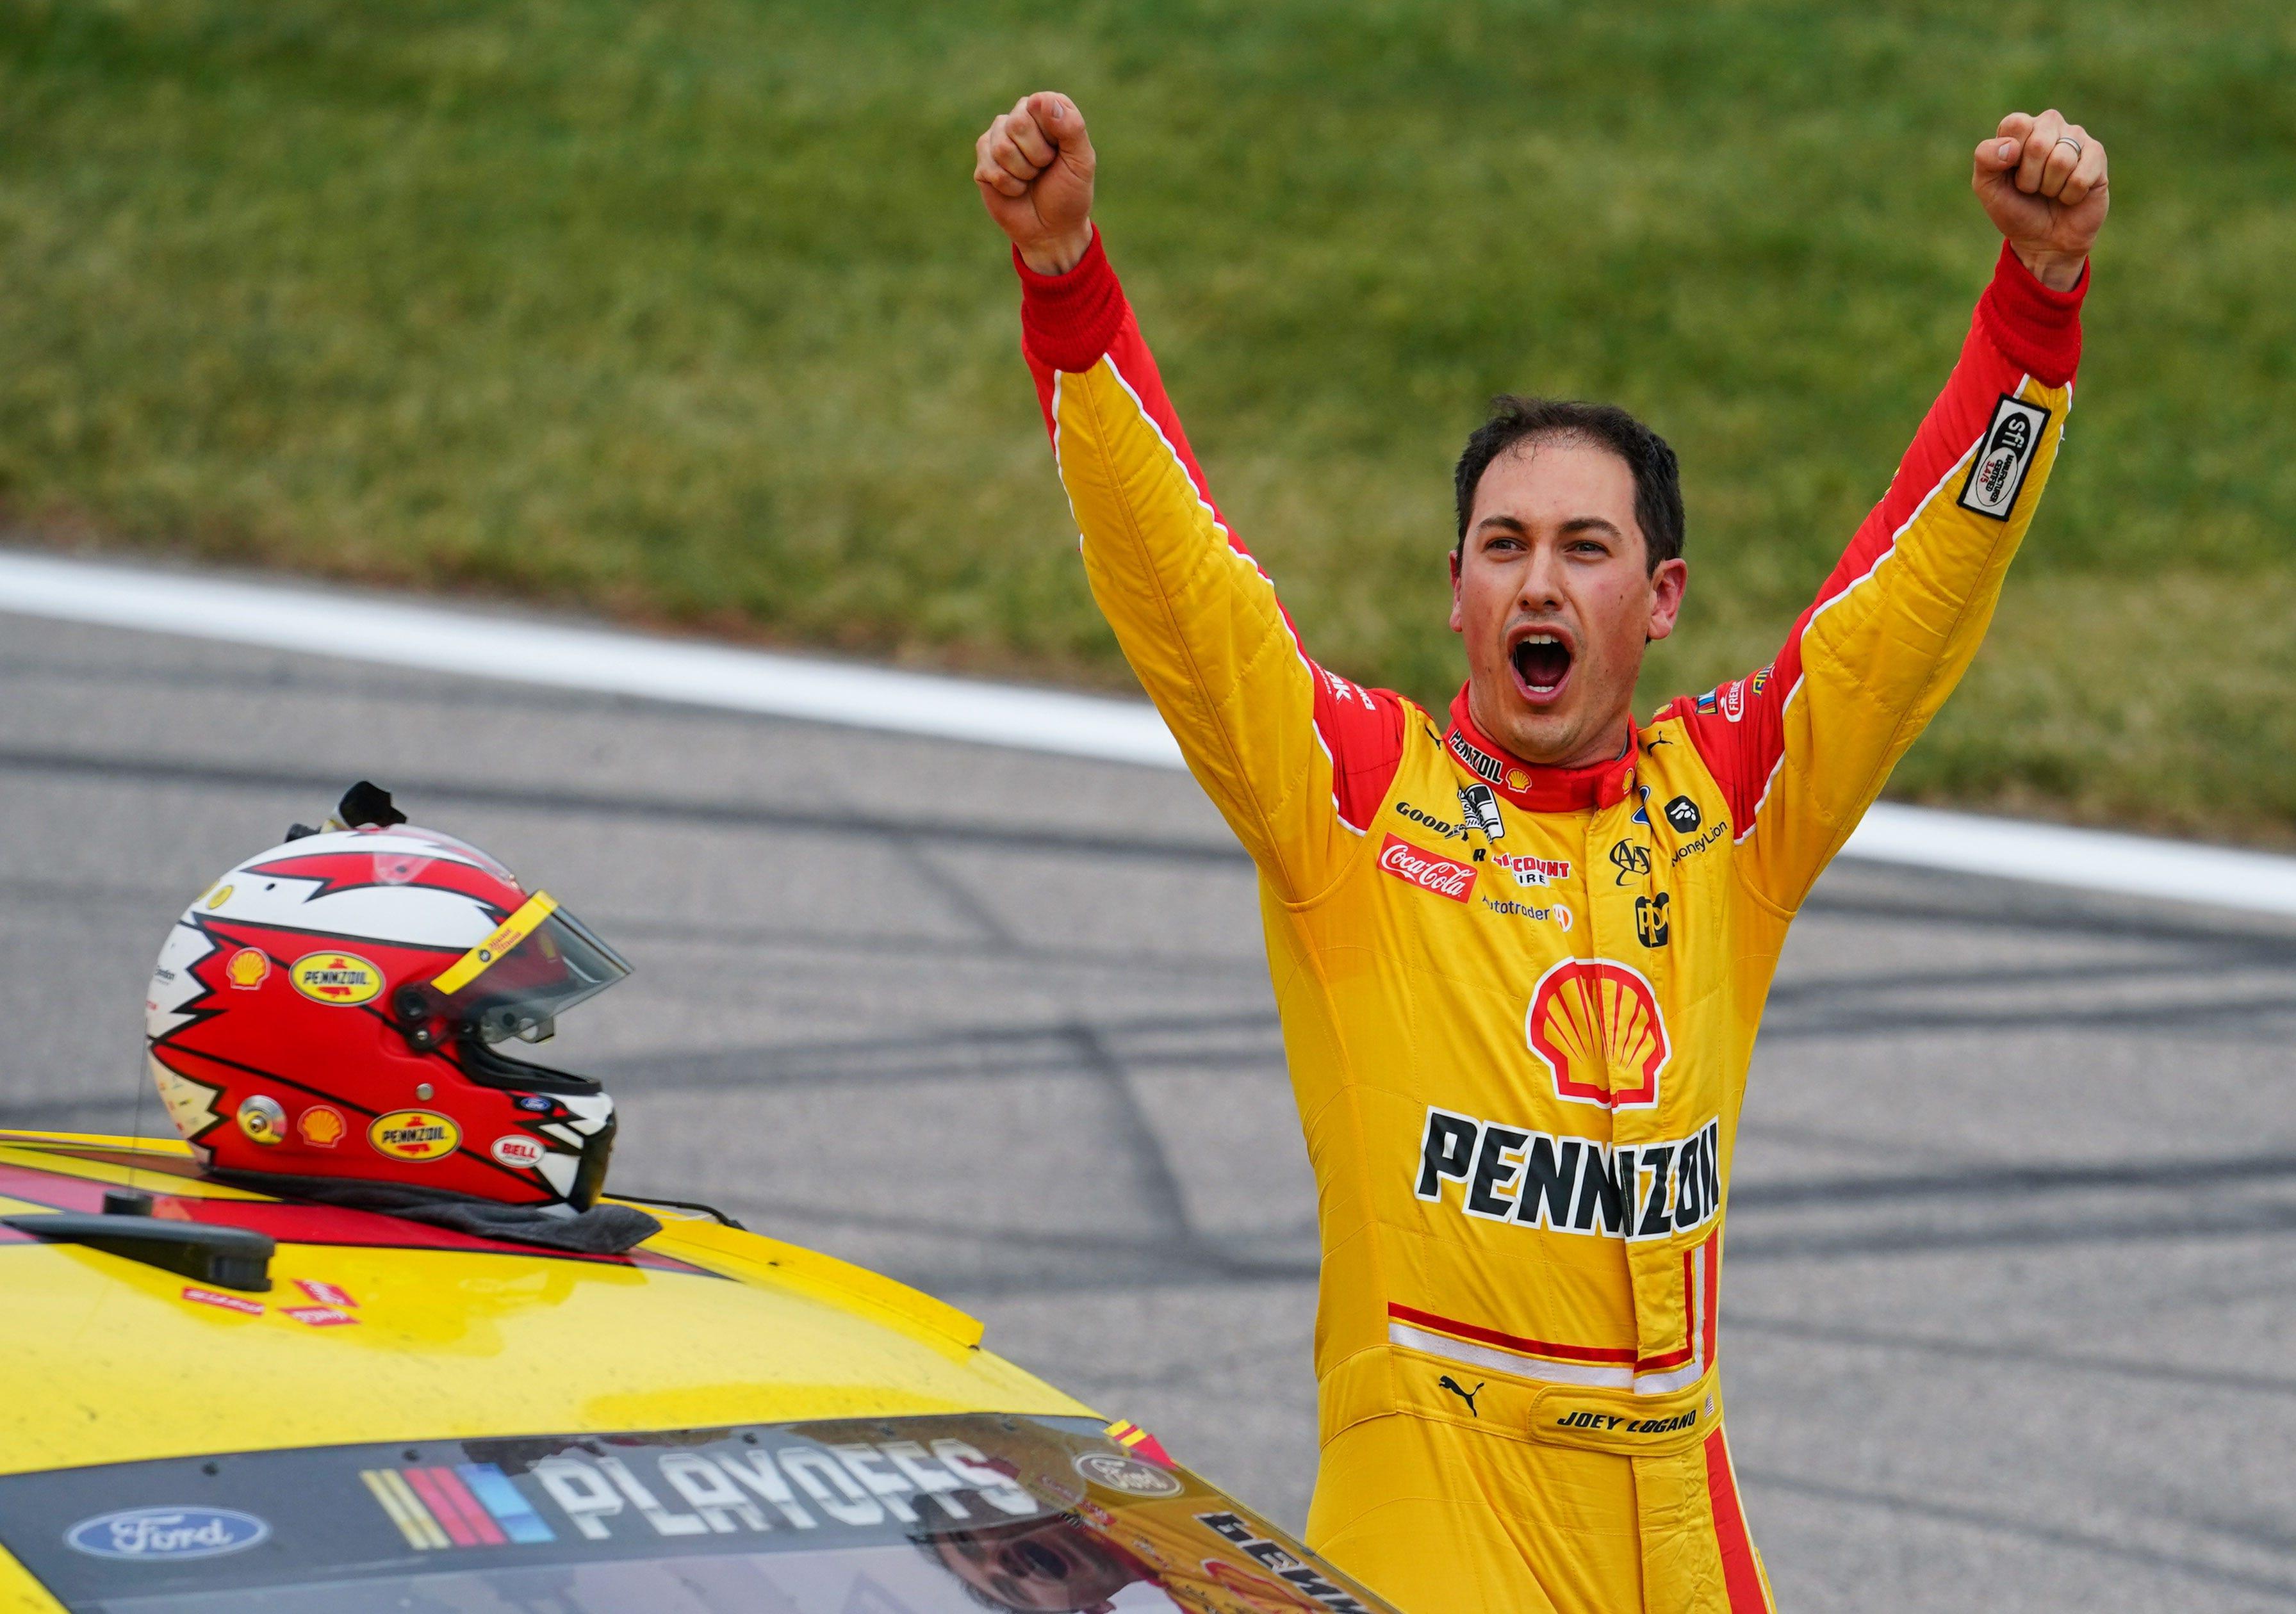 Kejuaraan Seri Piala NASCAR Joey Logano